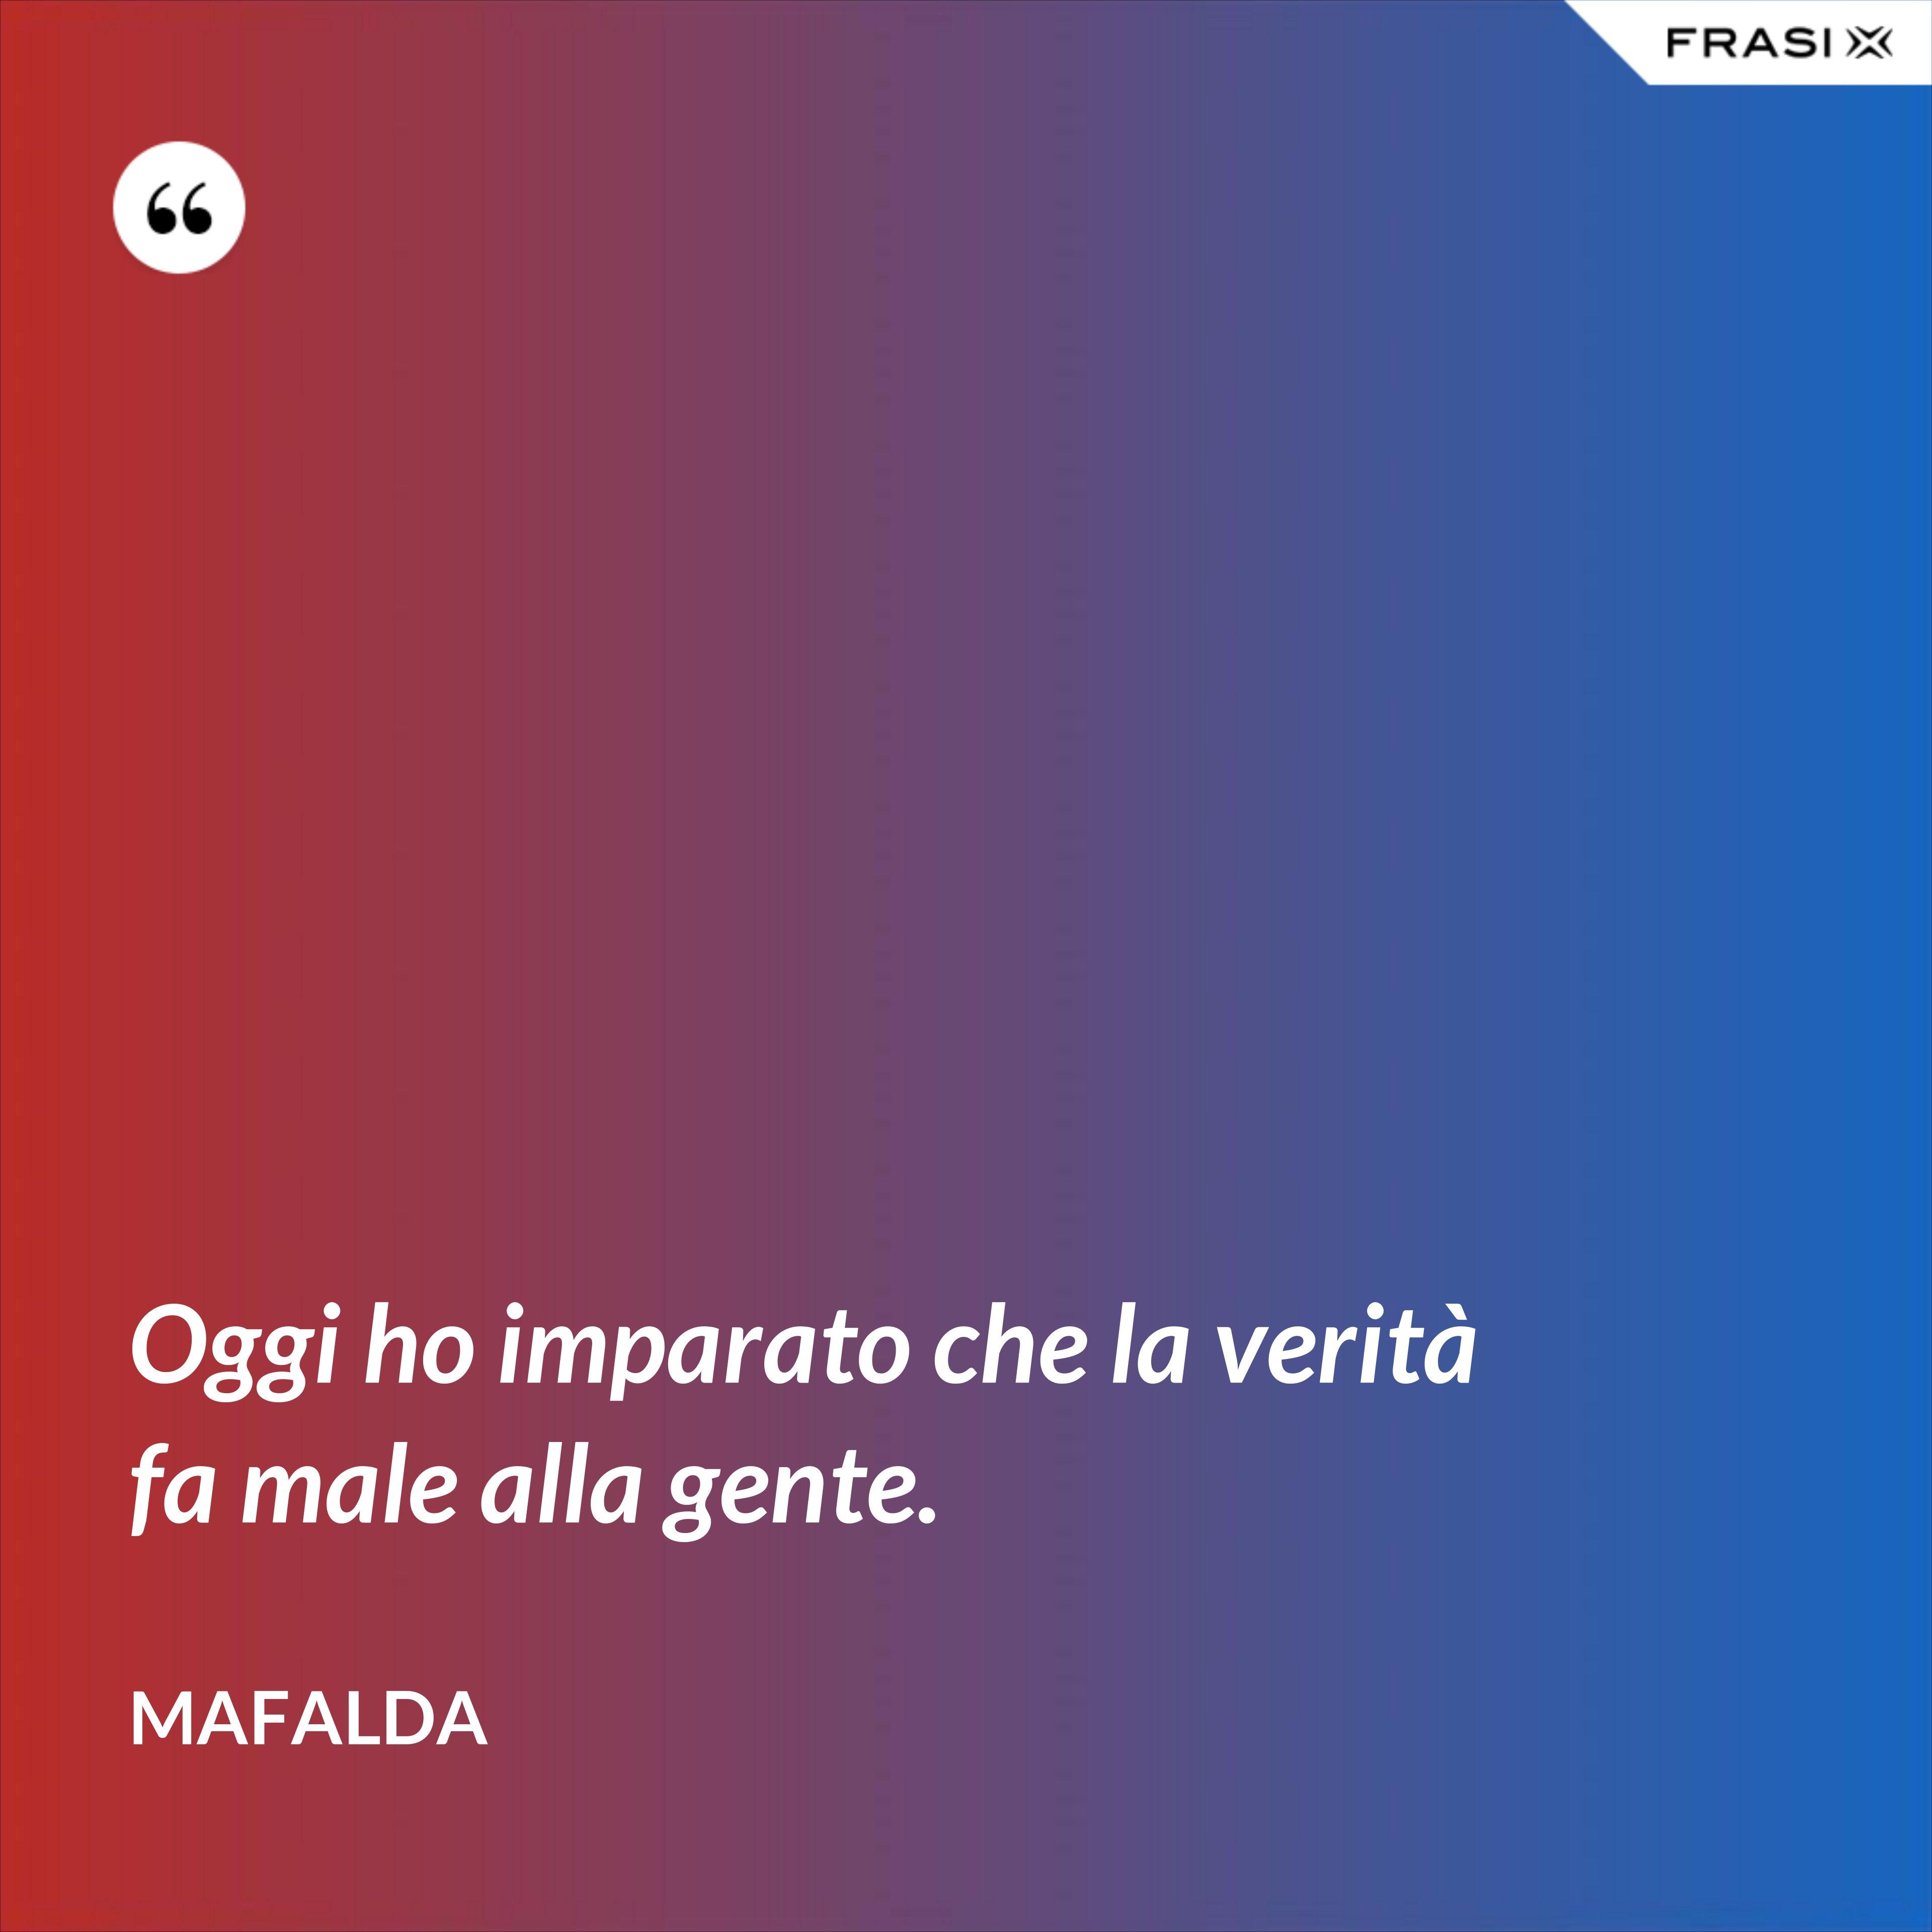 Oggi ho imparato che la verità fa male alla gente. - Mafalda